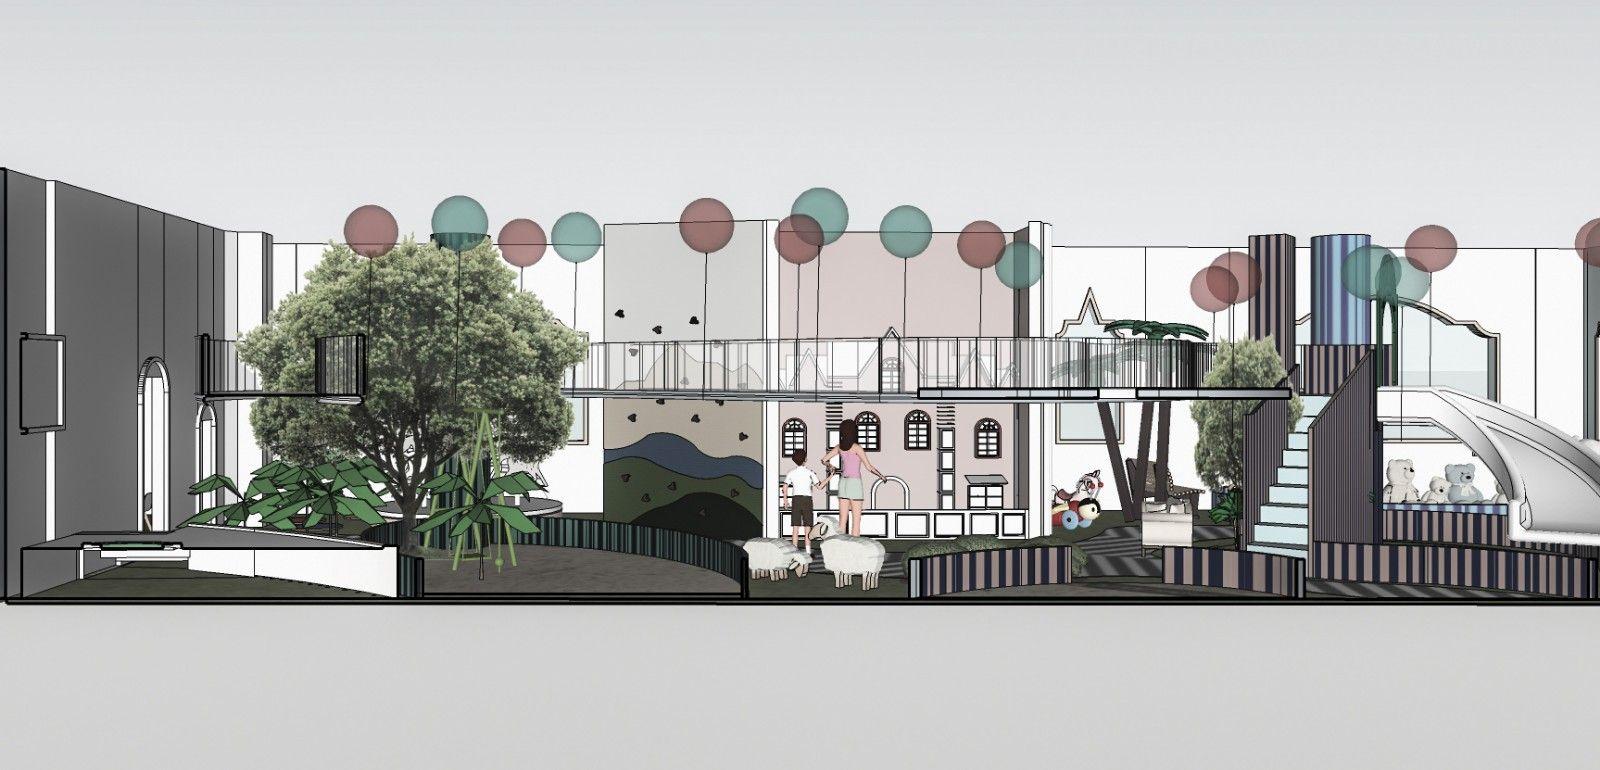 梦境中的乐园 | DCD Studio 淀川(上海)设计